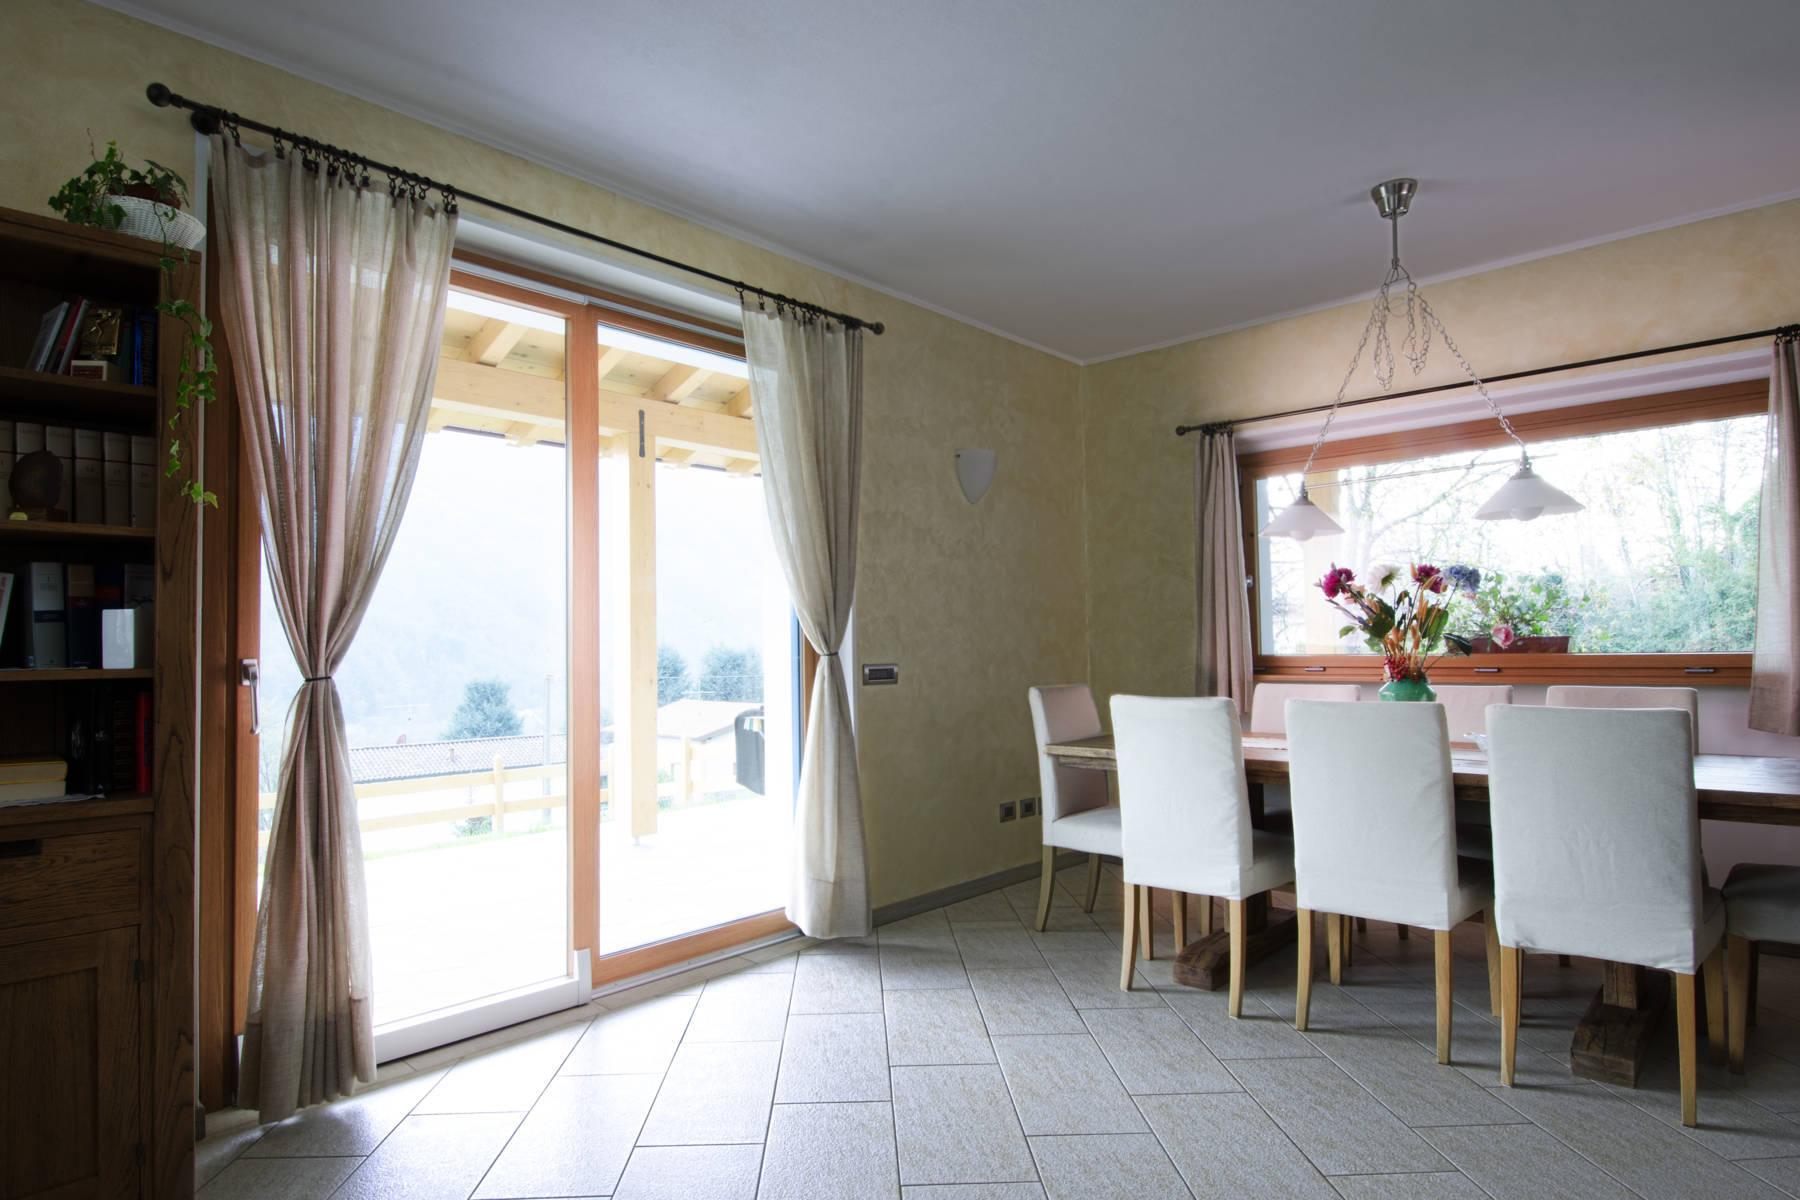 Gitici serramenti sistemi per finestre in alluminio - Sistemi antintrusione per finestre ...